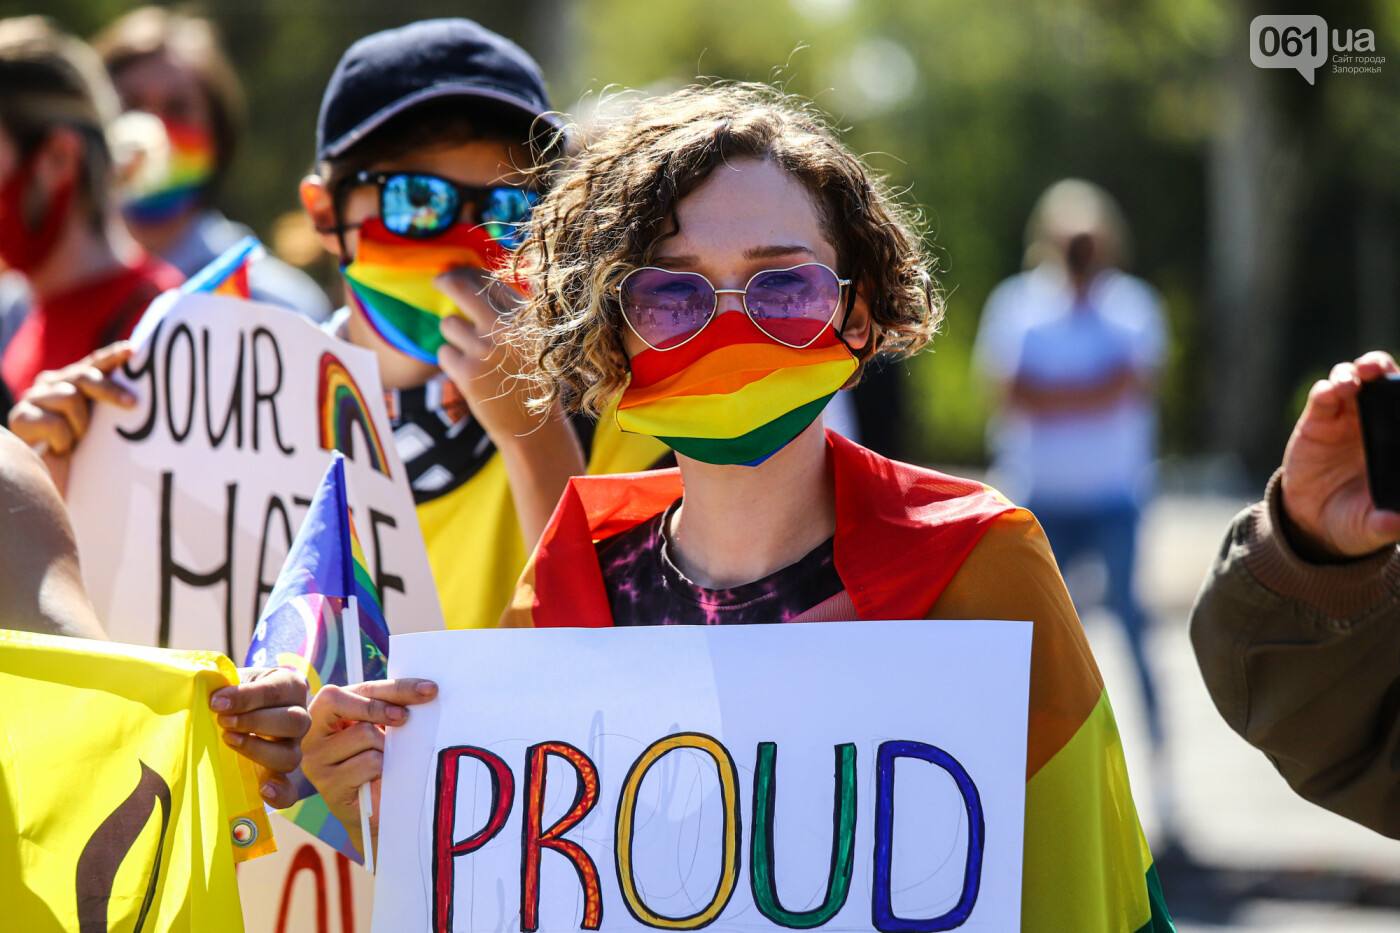 ЛГБТ-прайд, эко-митинг и восстановленные скульптуры в сквере Пионеров: сентябрь в фотографиях , фото-110